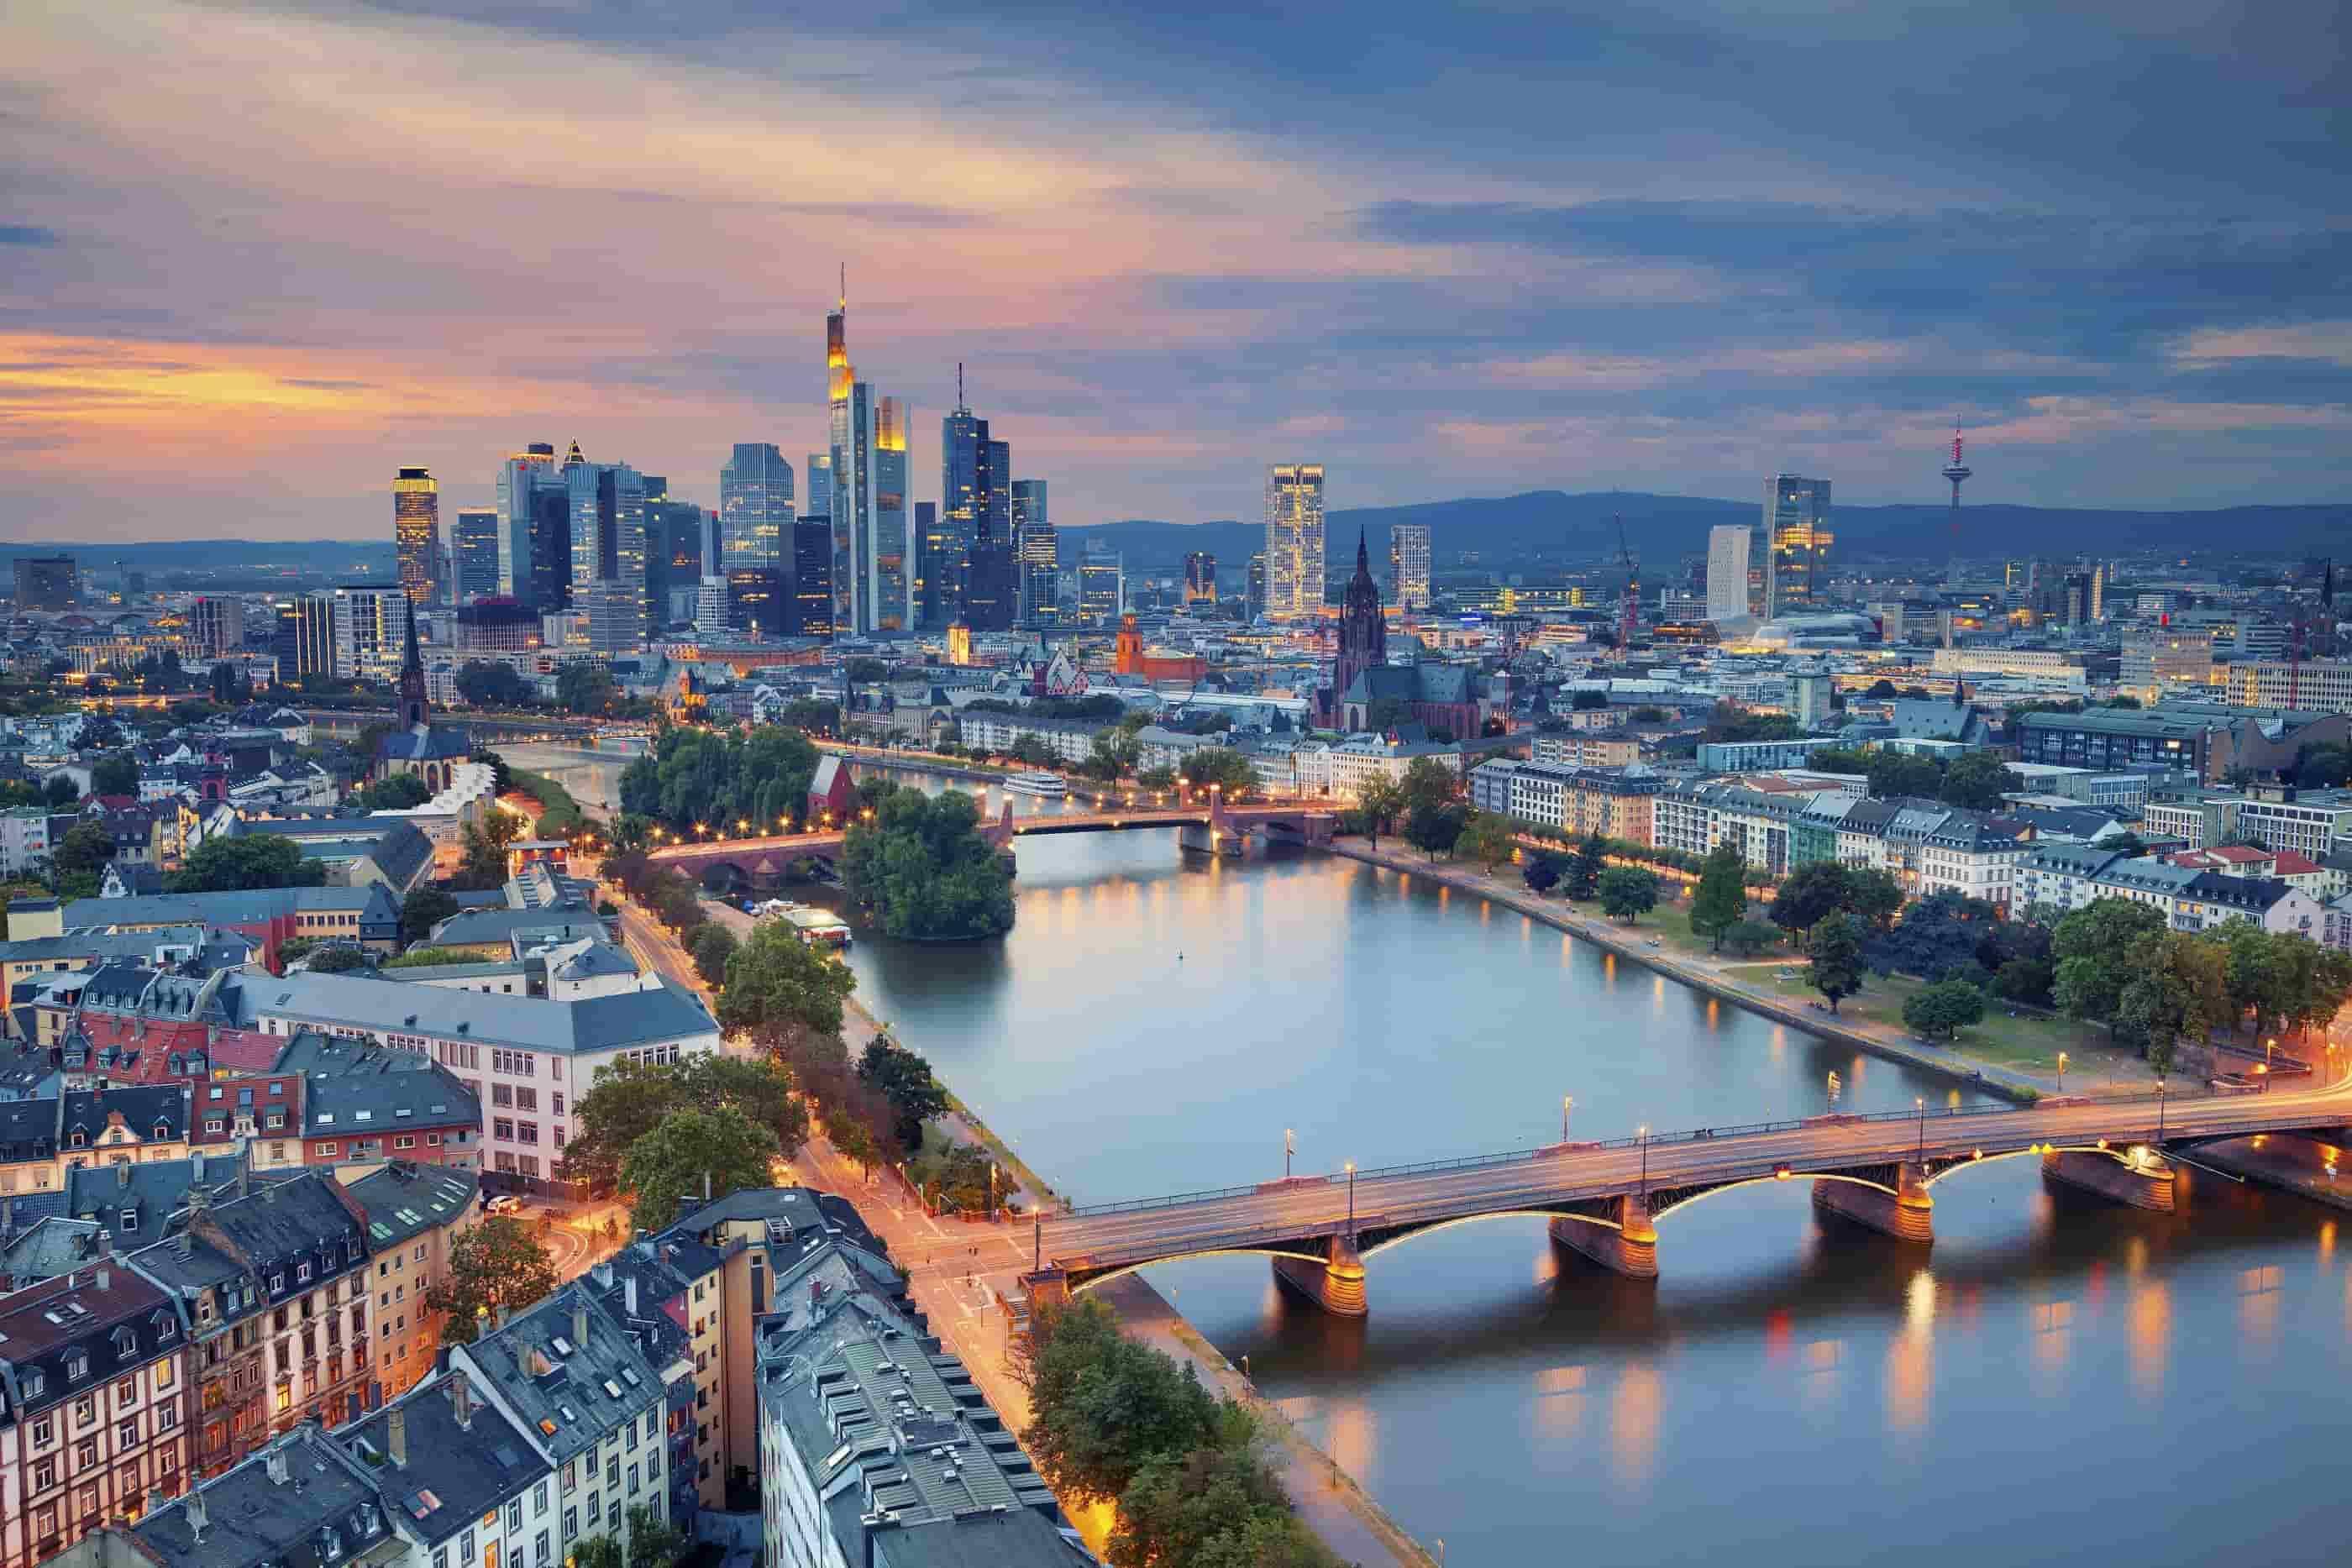 Tour Du Lịch Đức Kết Hợp Pháp - Luxembourg - Bỉ Từ Sài Gòn & Hà Nội